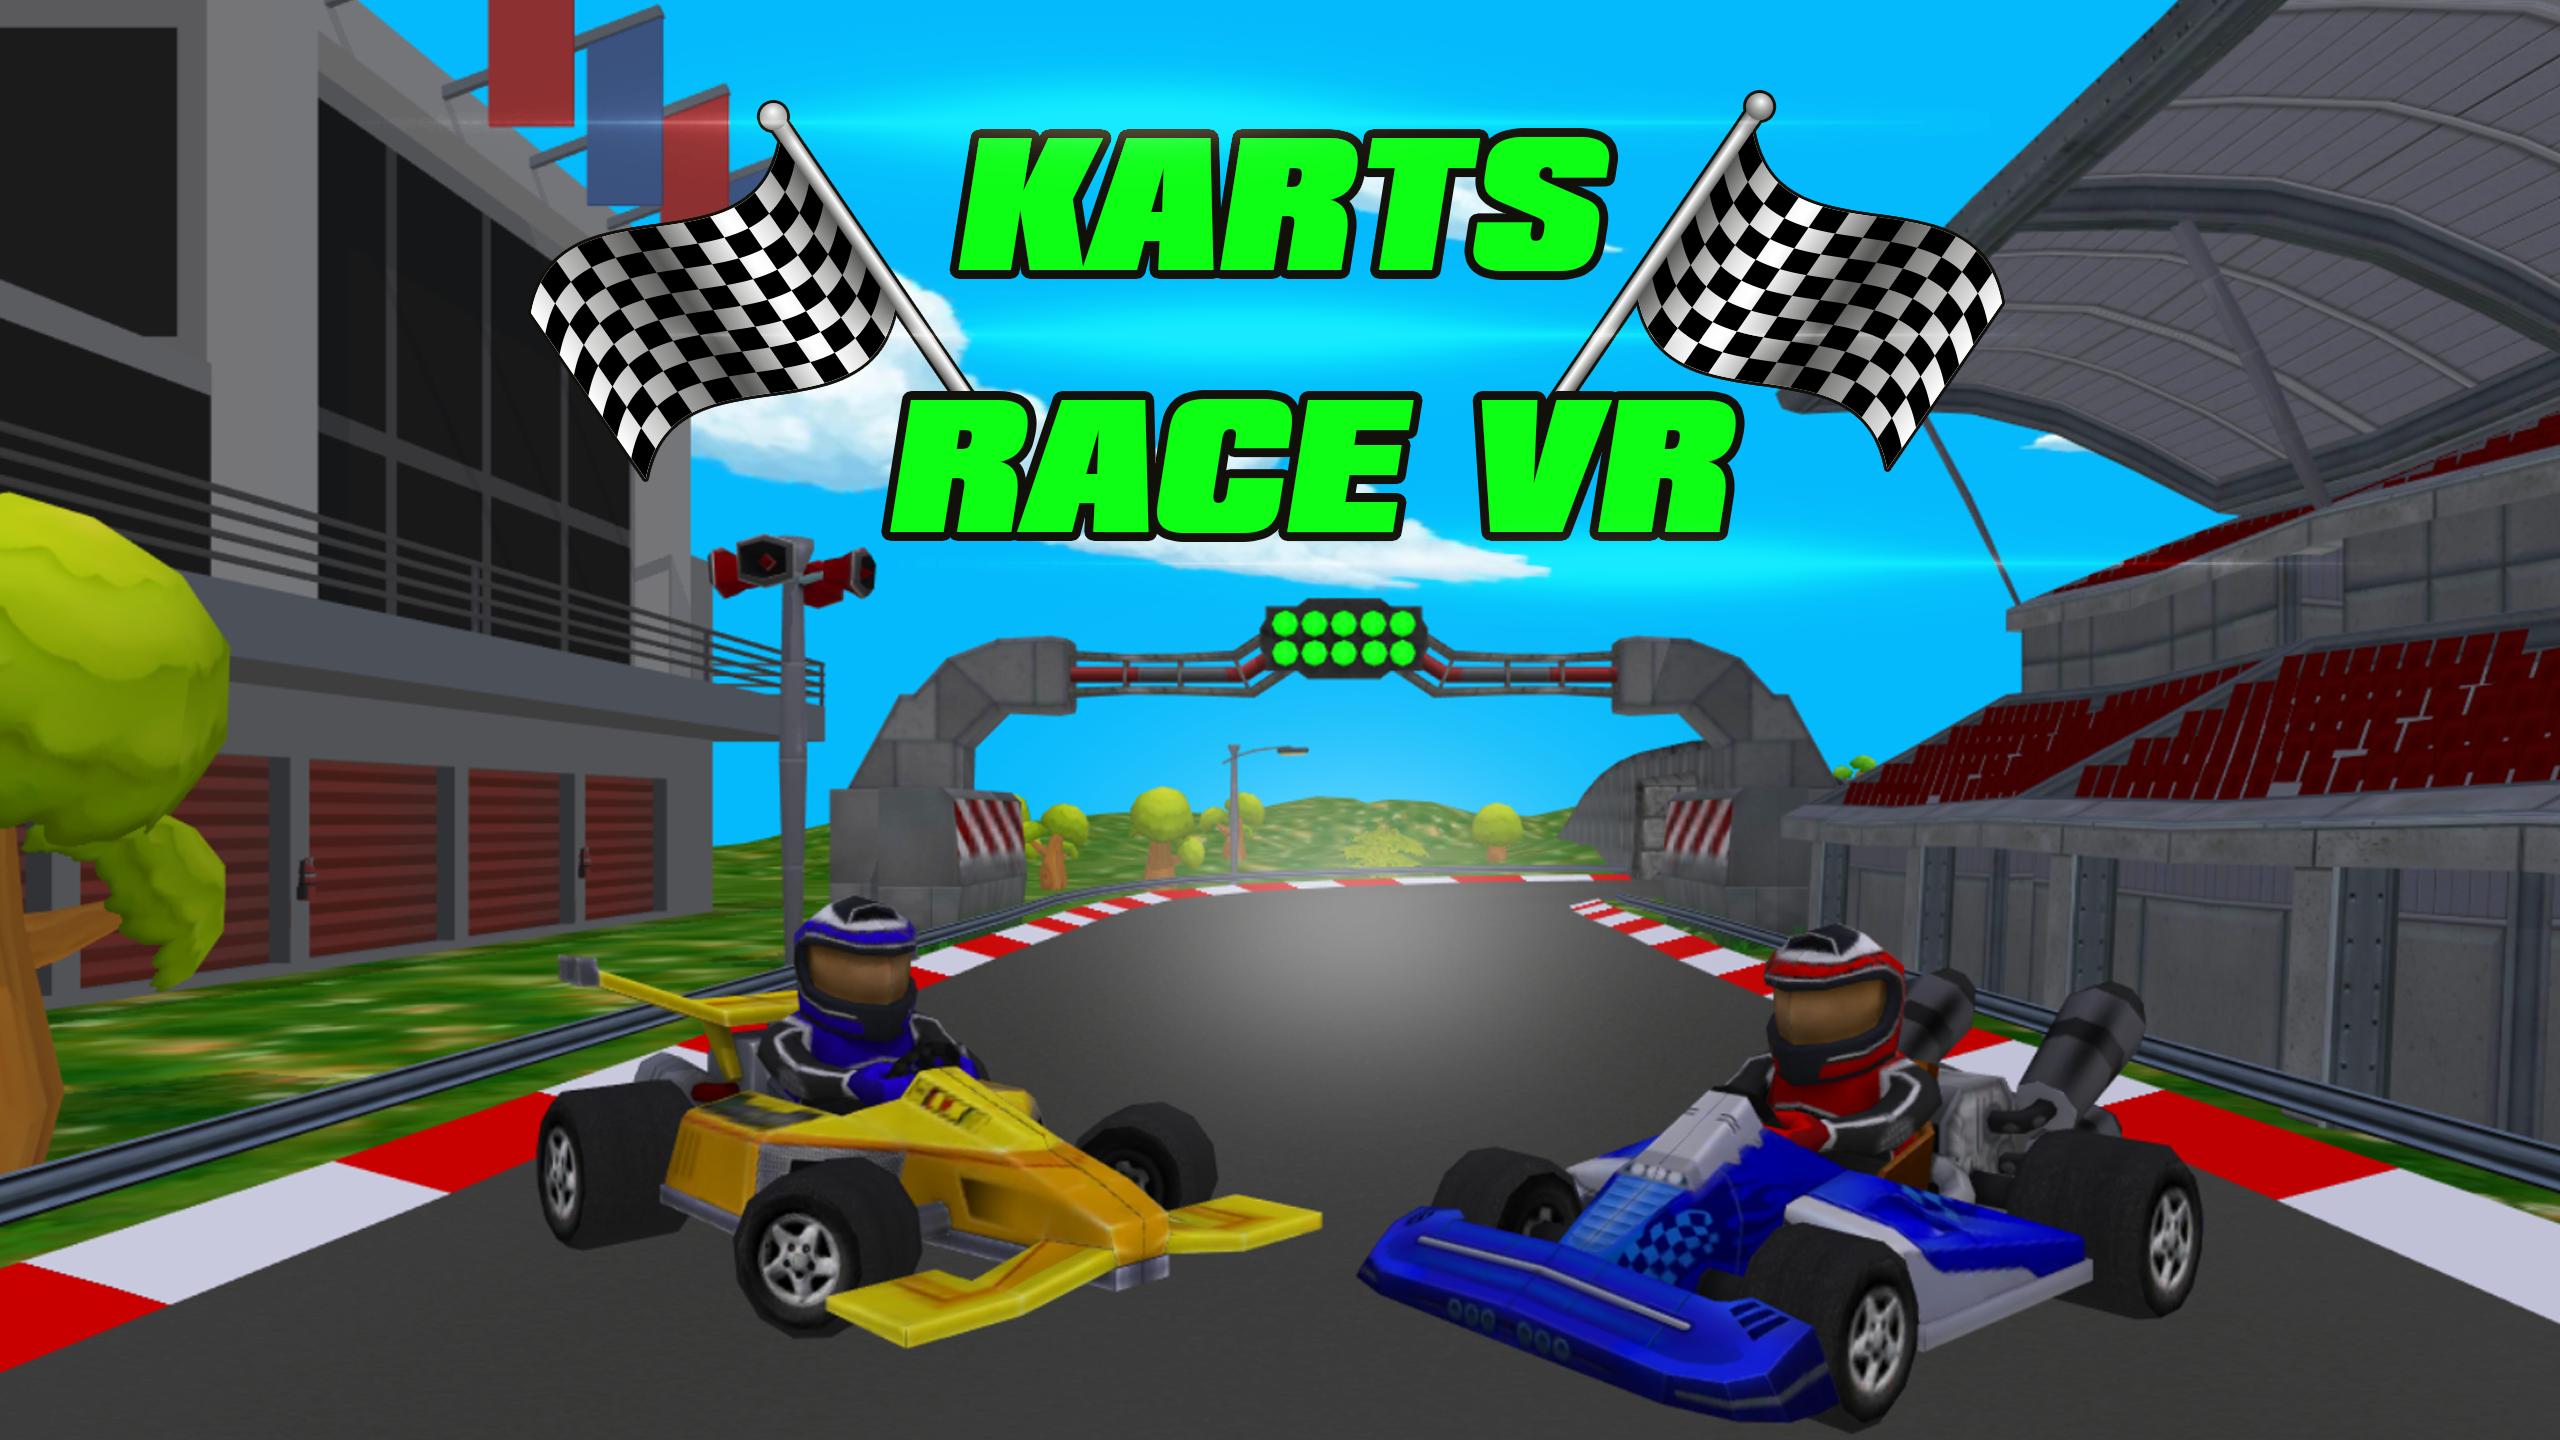 KARTS RACE VR